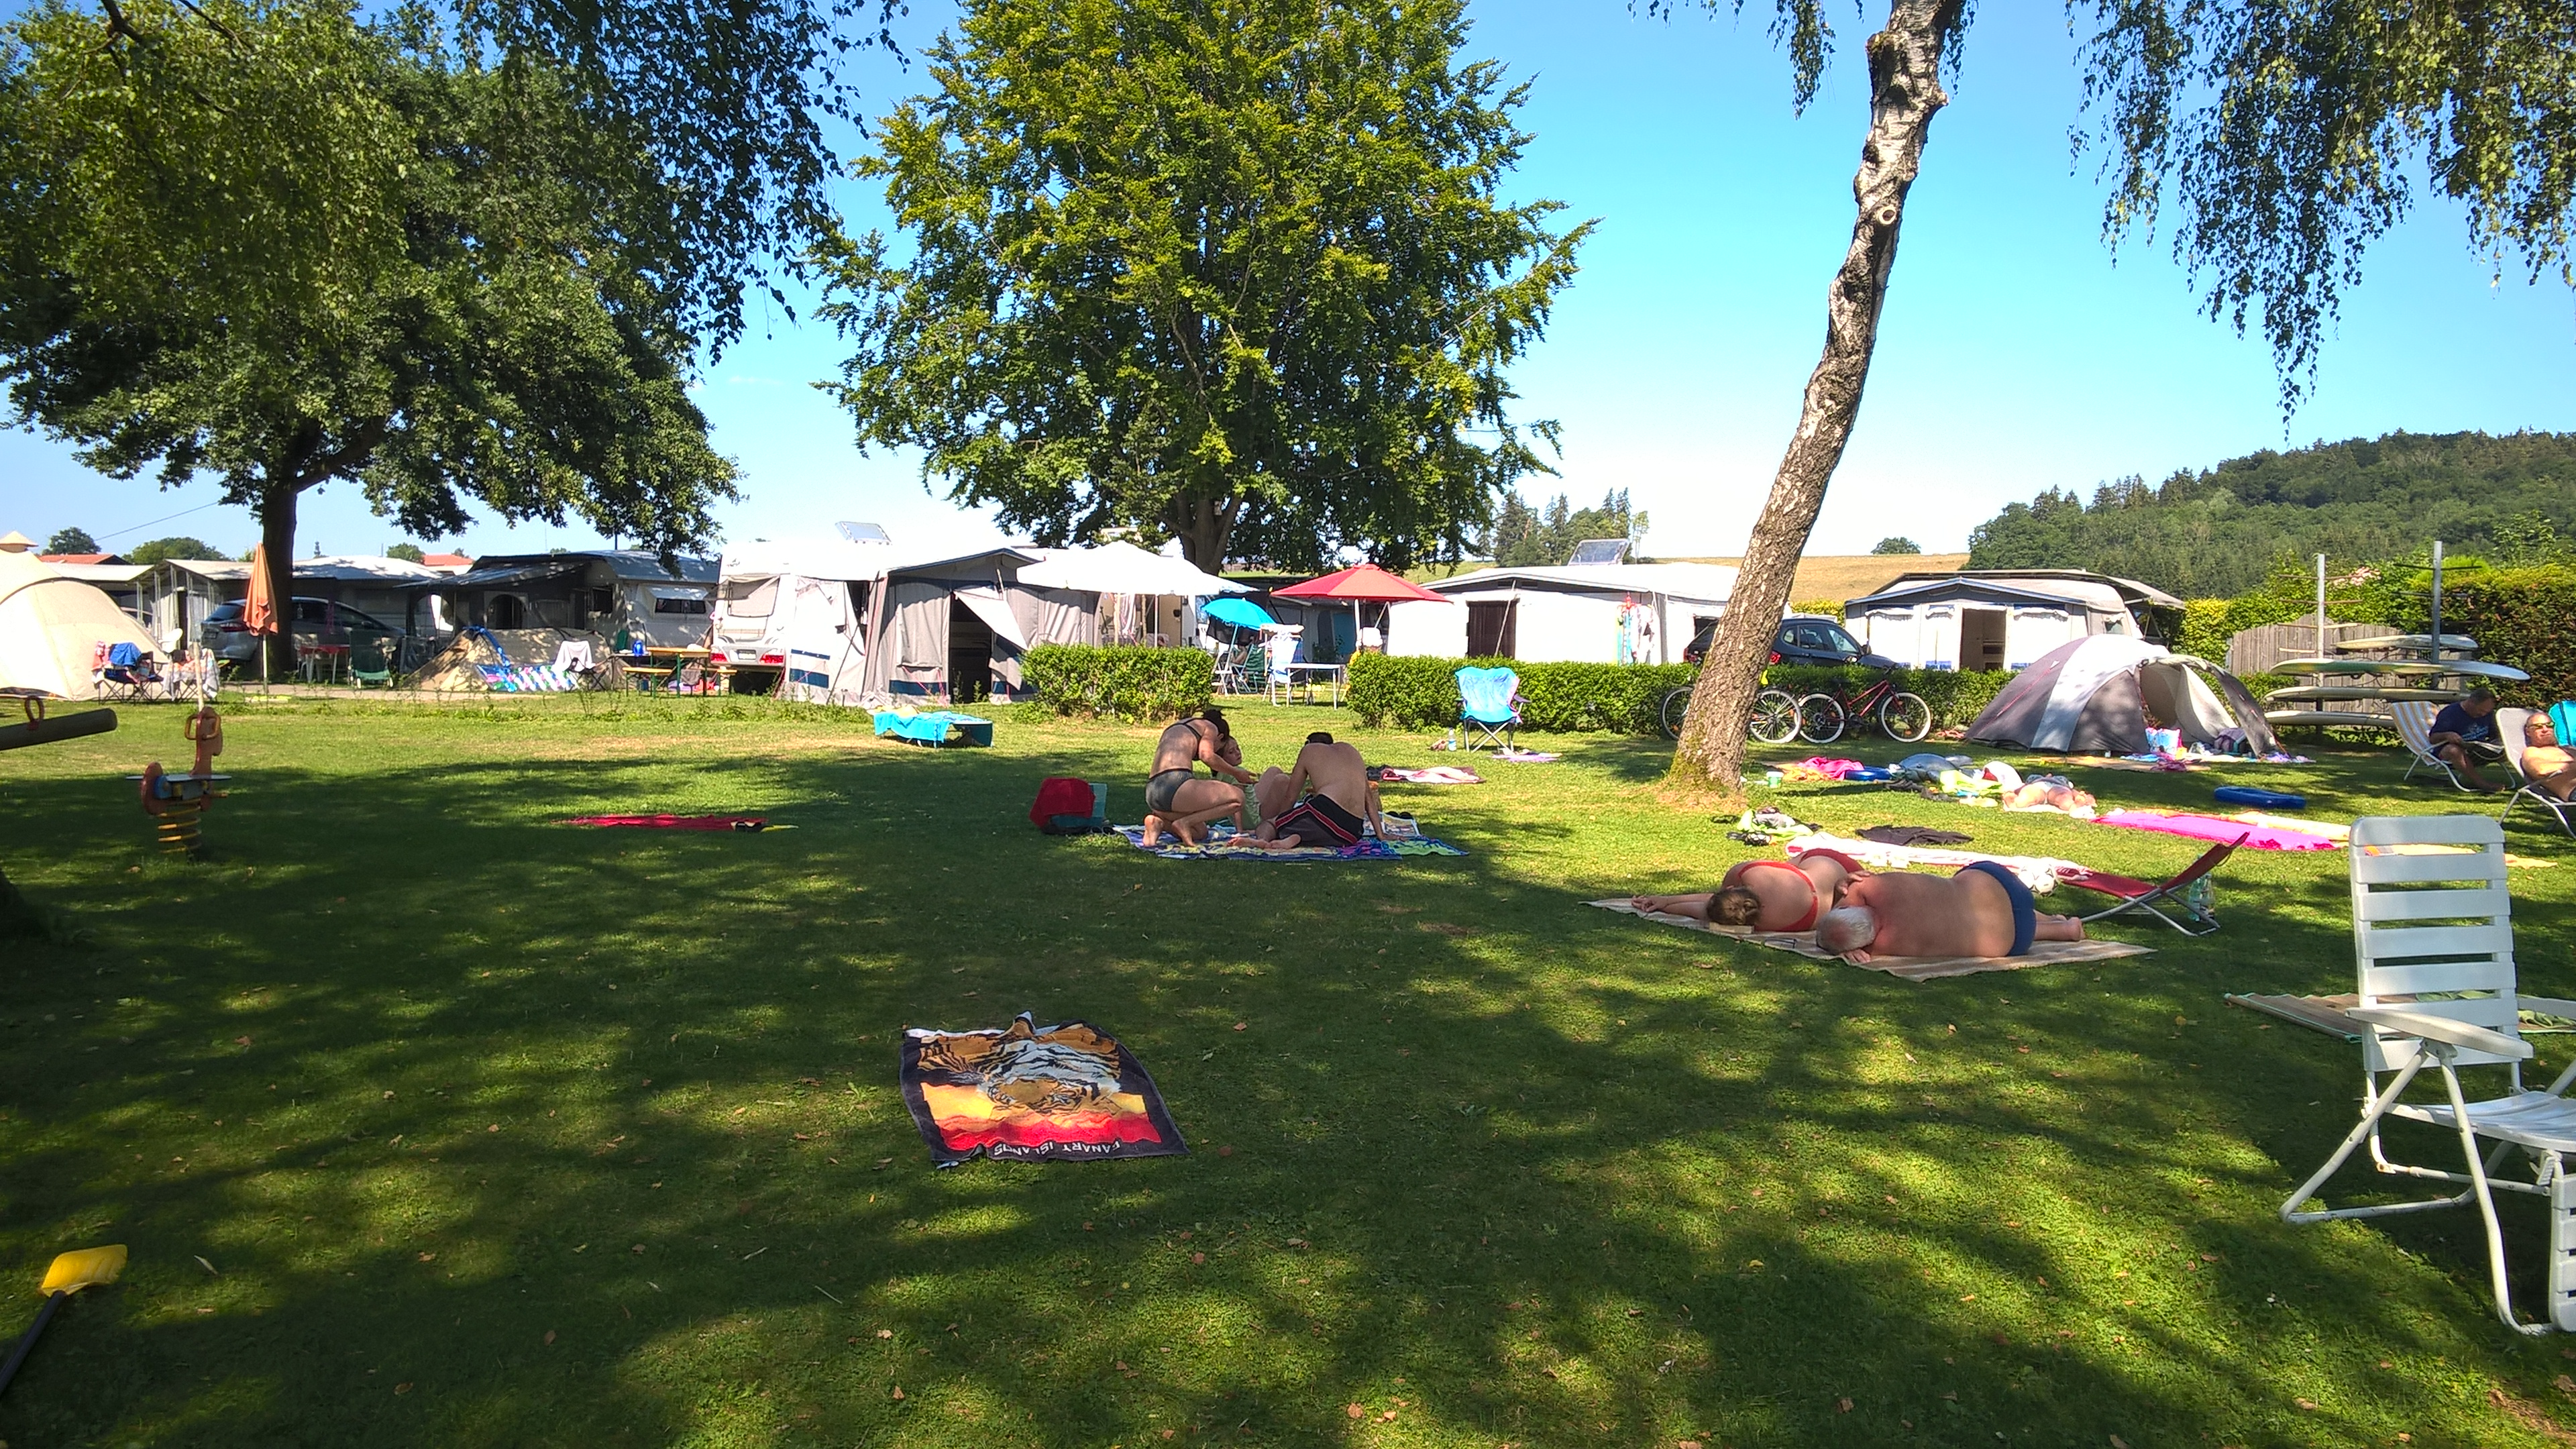 Campingplatz Liegewiese